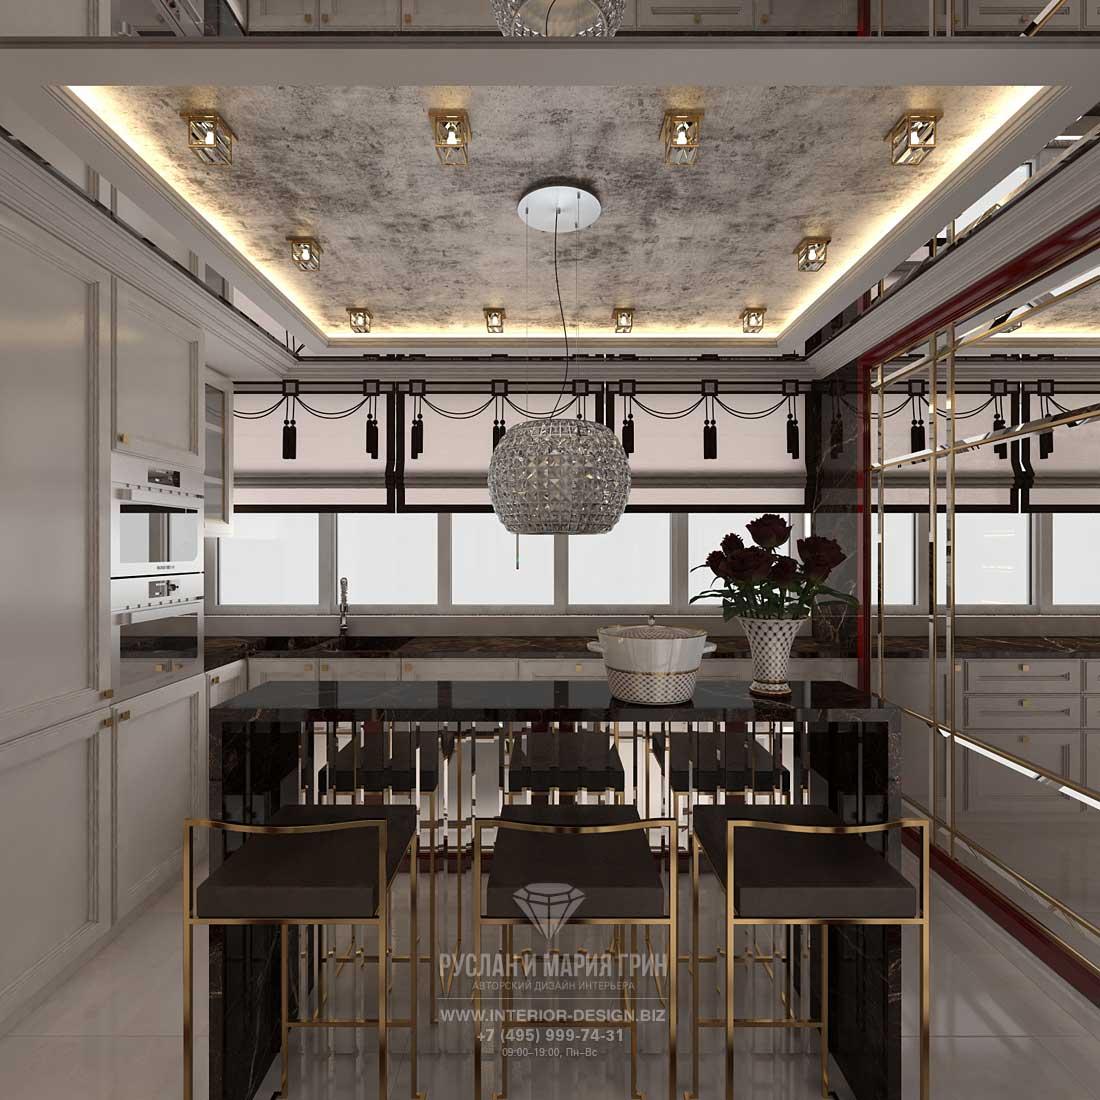 Дизайн кухни с барной стойкой в стиле арт-деко